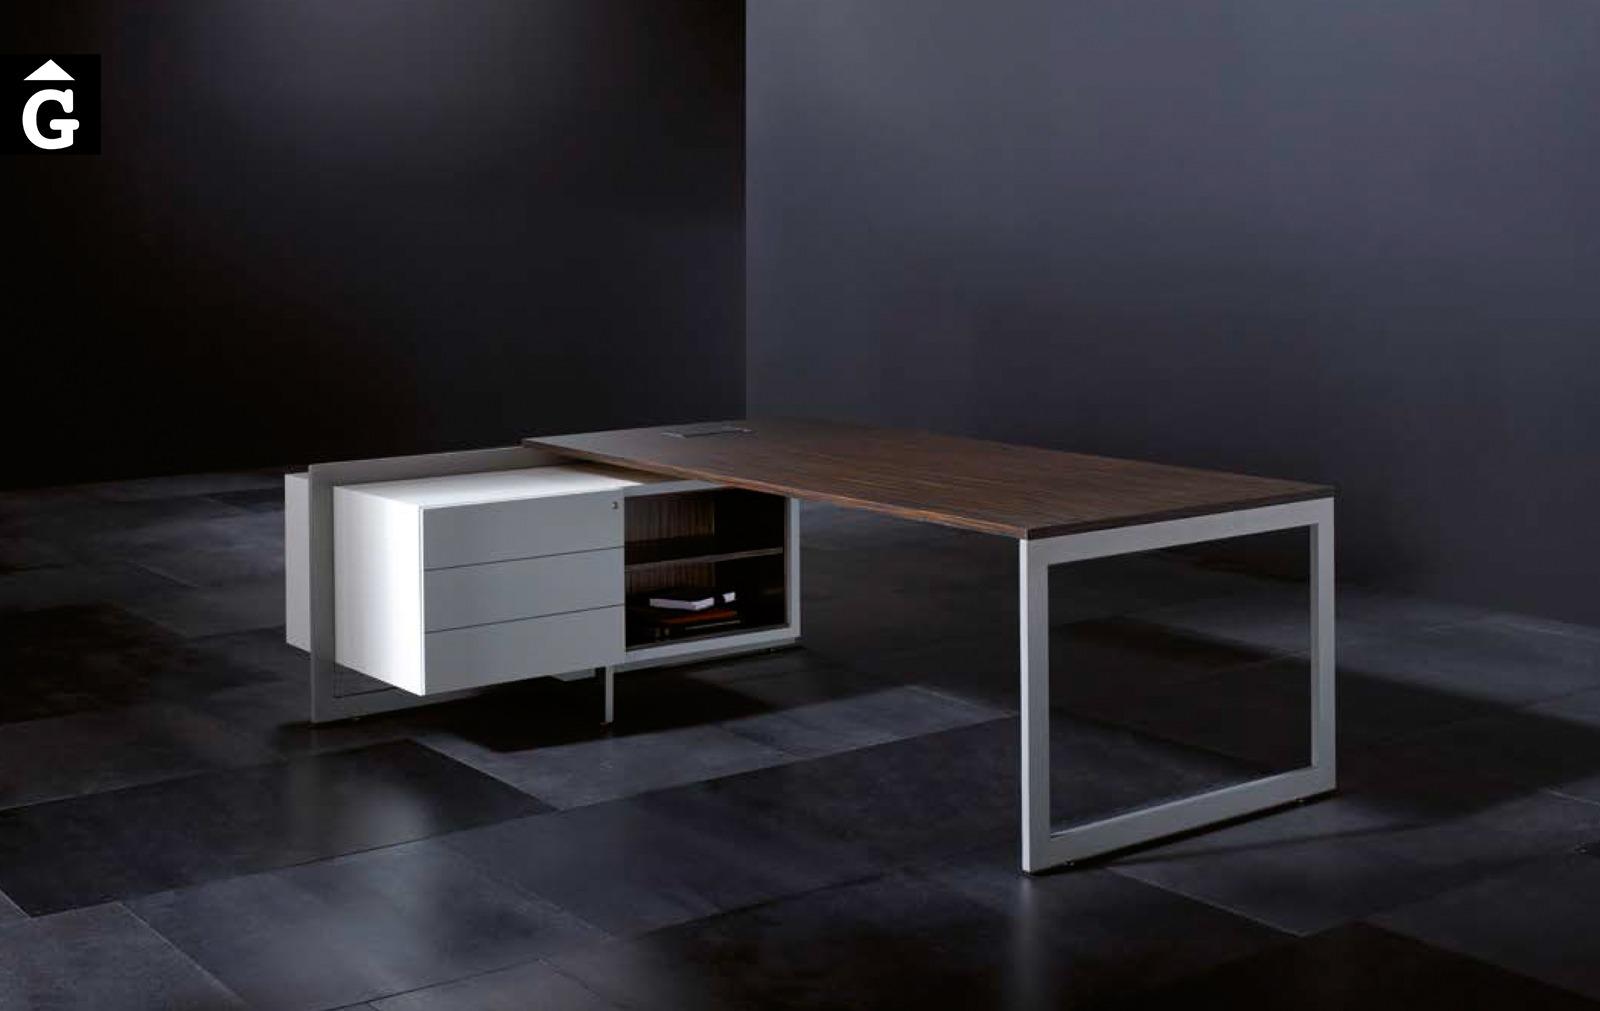 Taula oficina executiu de xapa natural | Josep Lluscà | Forma 5 | mobiliari d'oficina molt interessant | mobles Gifreu | botiga | Contract | Mobles nous d'oficina